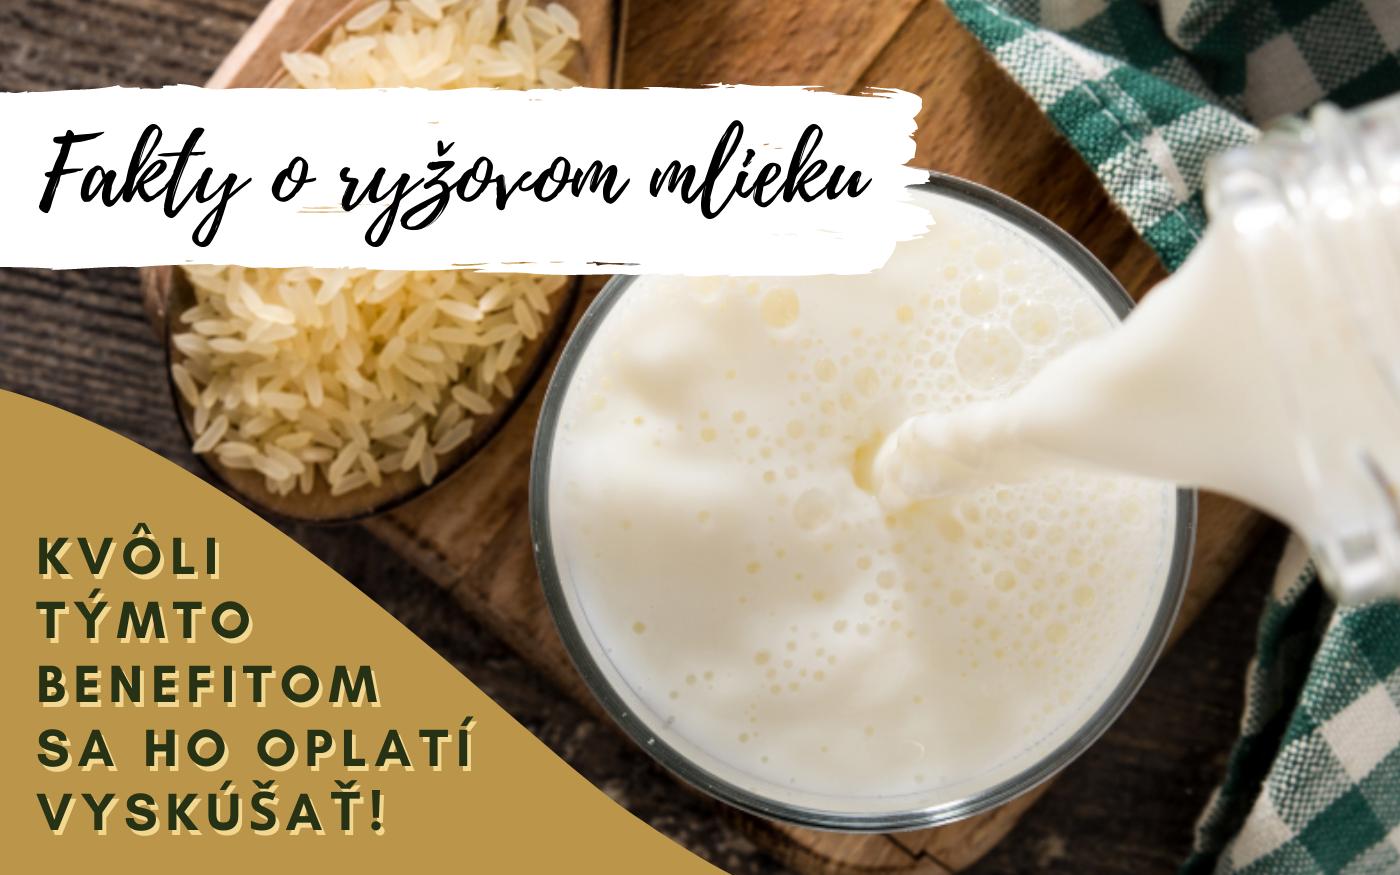 Fakty o ryžovom mlieku - kvôli týmto benefitom sa ho oplatí vyskúšať!